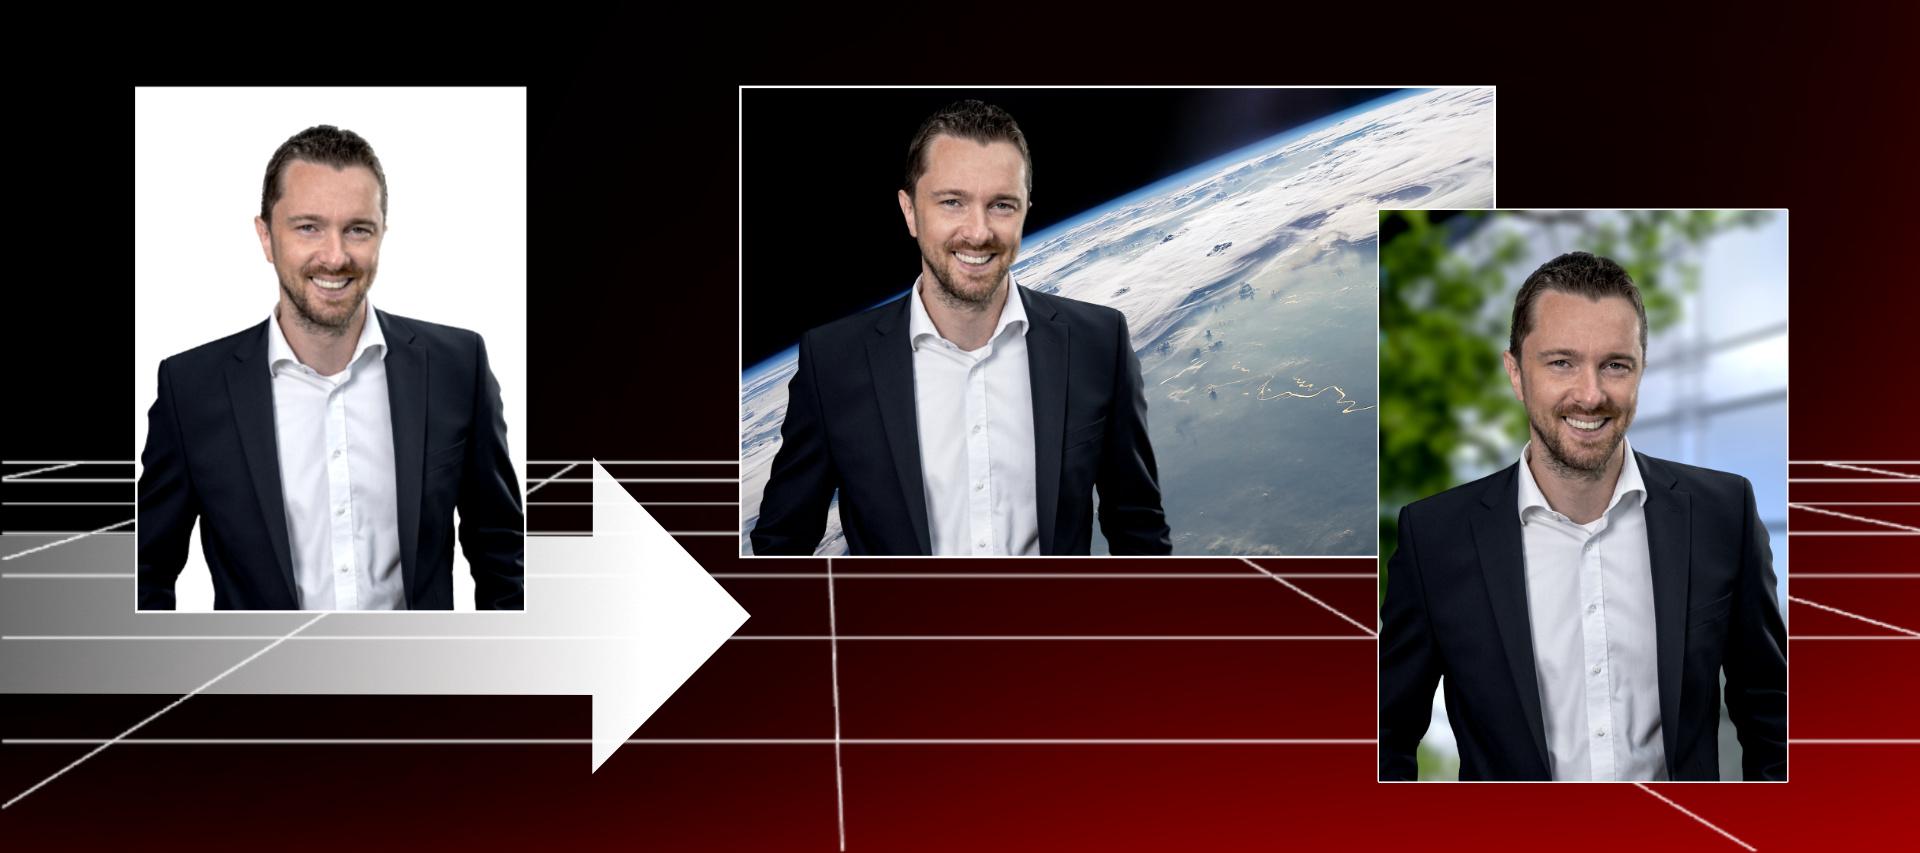 Hintergrund-Austausch Businessfoto